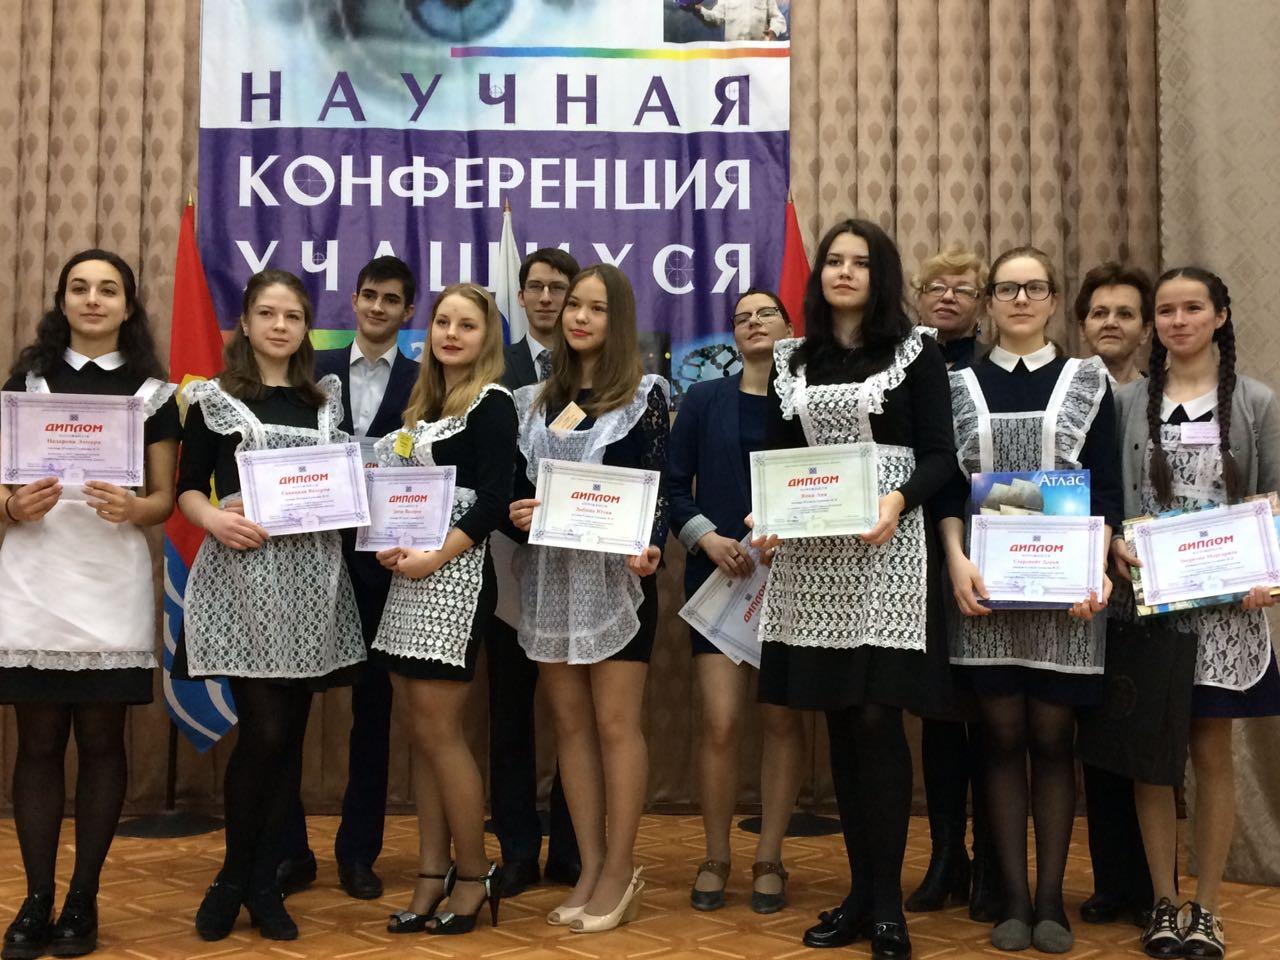 Поздравления победителей конференций